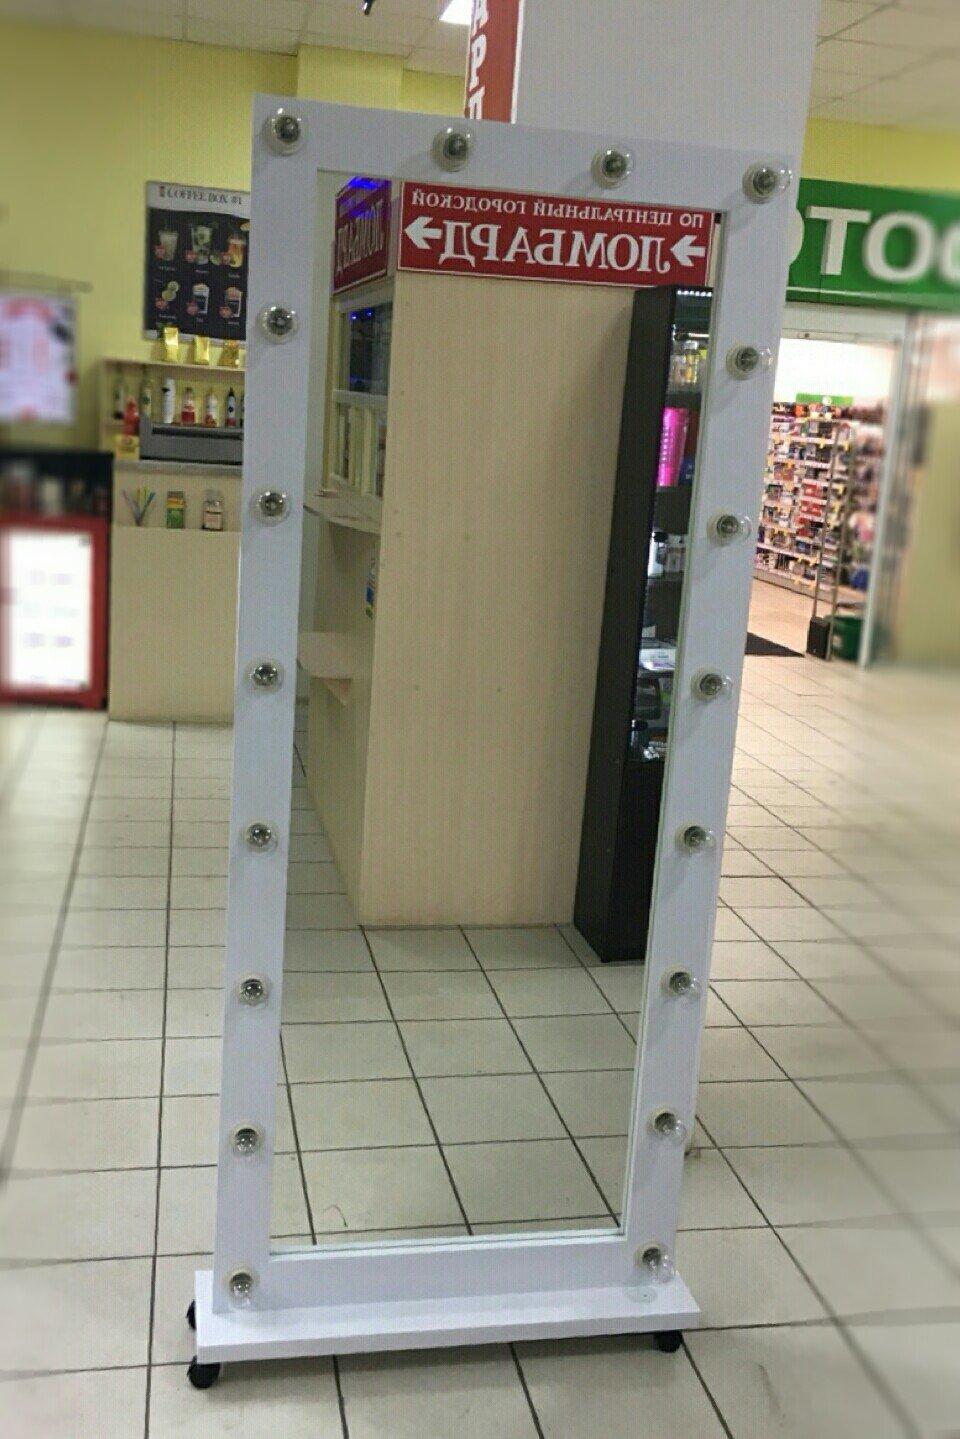 Comfort Market - Зеркала в полный рост для магазина - примерочной и торгового зала